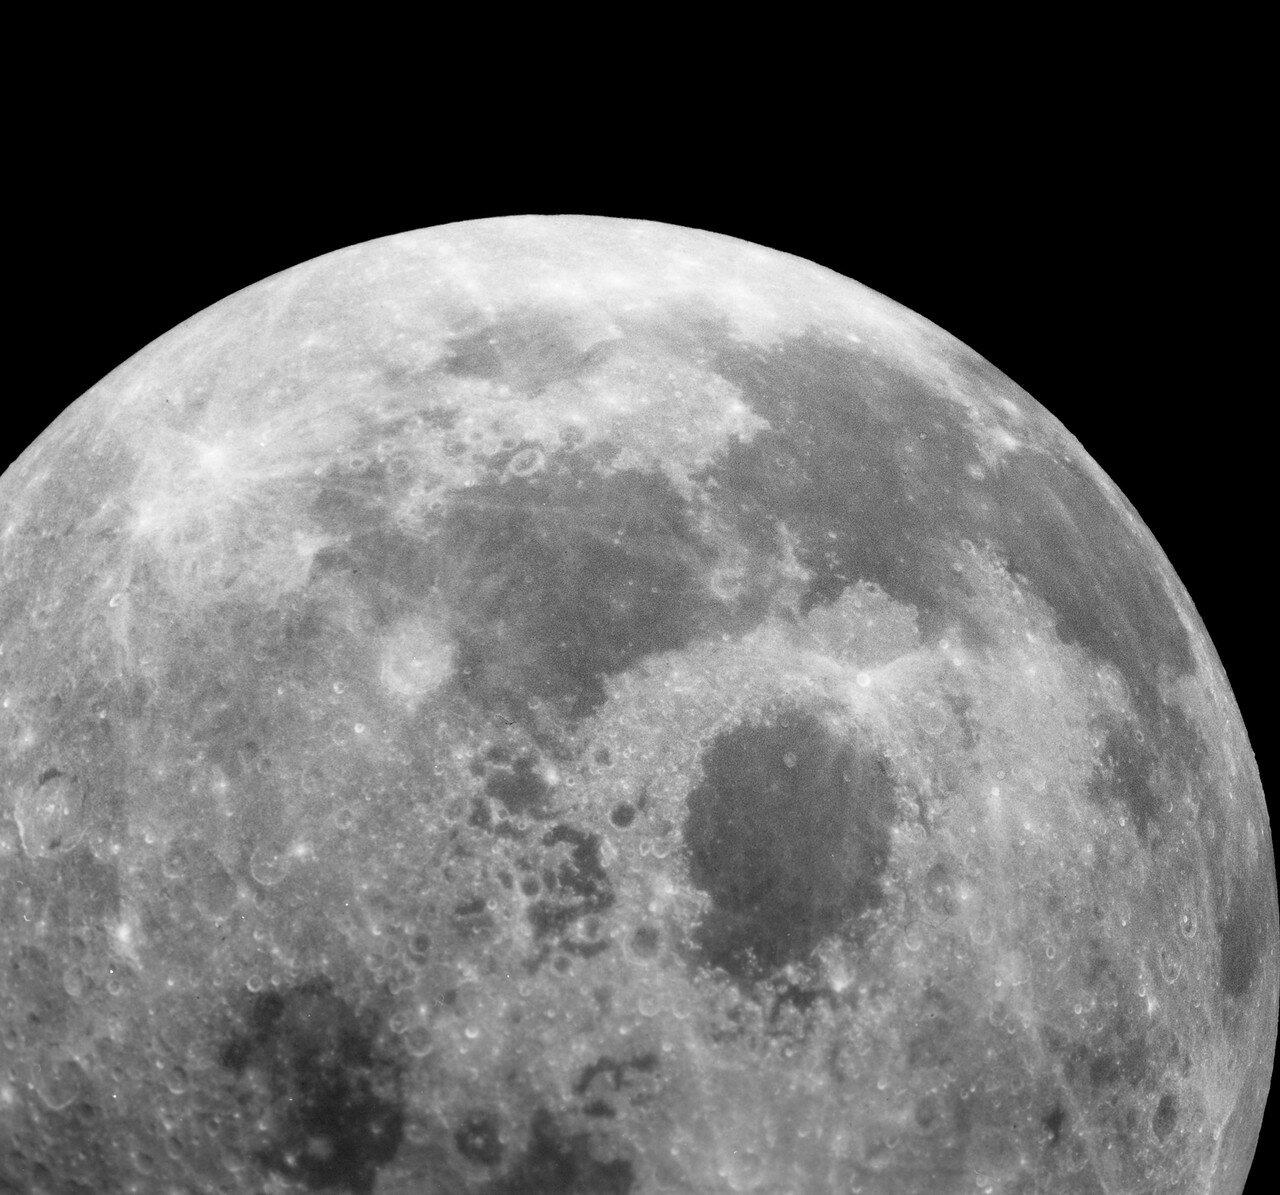 В 59 часов 19 минут 45 секунд полётного времени, «Аполлон-16» пересёк воображаемую черту, за которой гравитационное воздействие Луны на него стало больше земного.